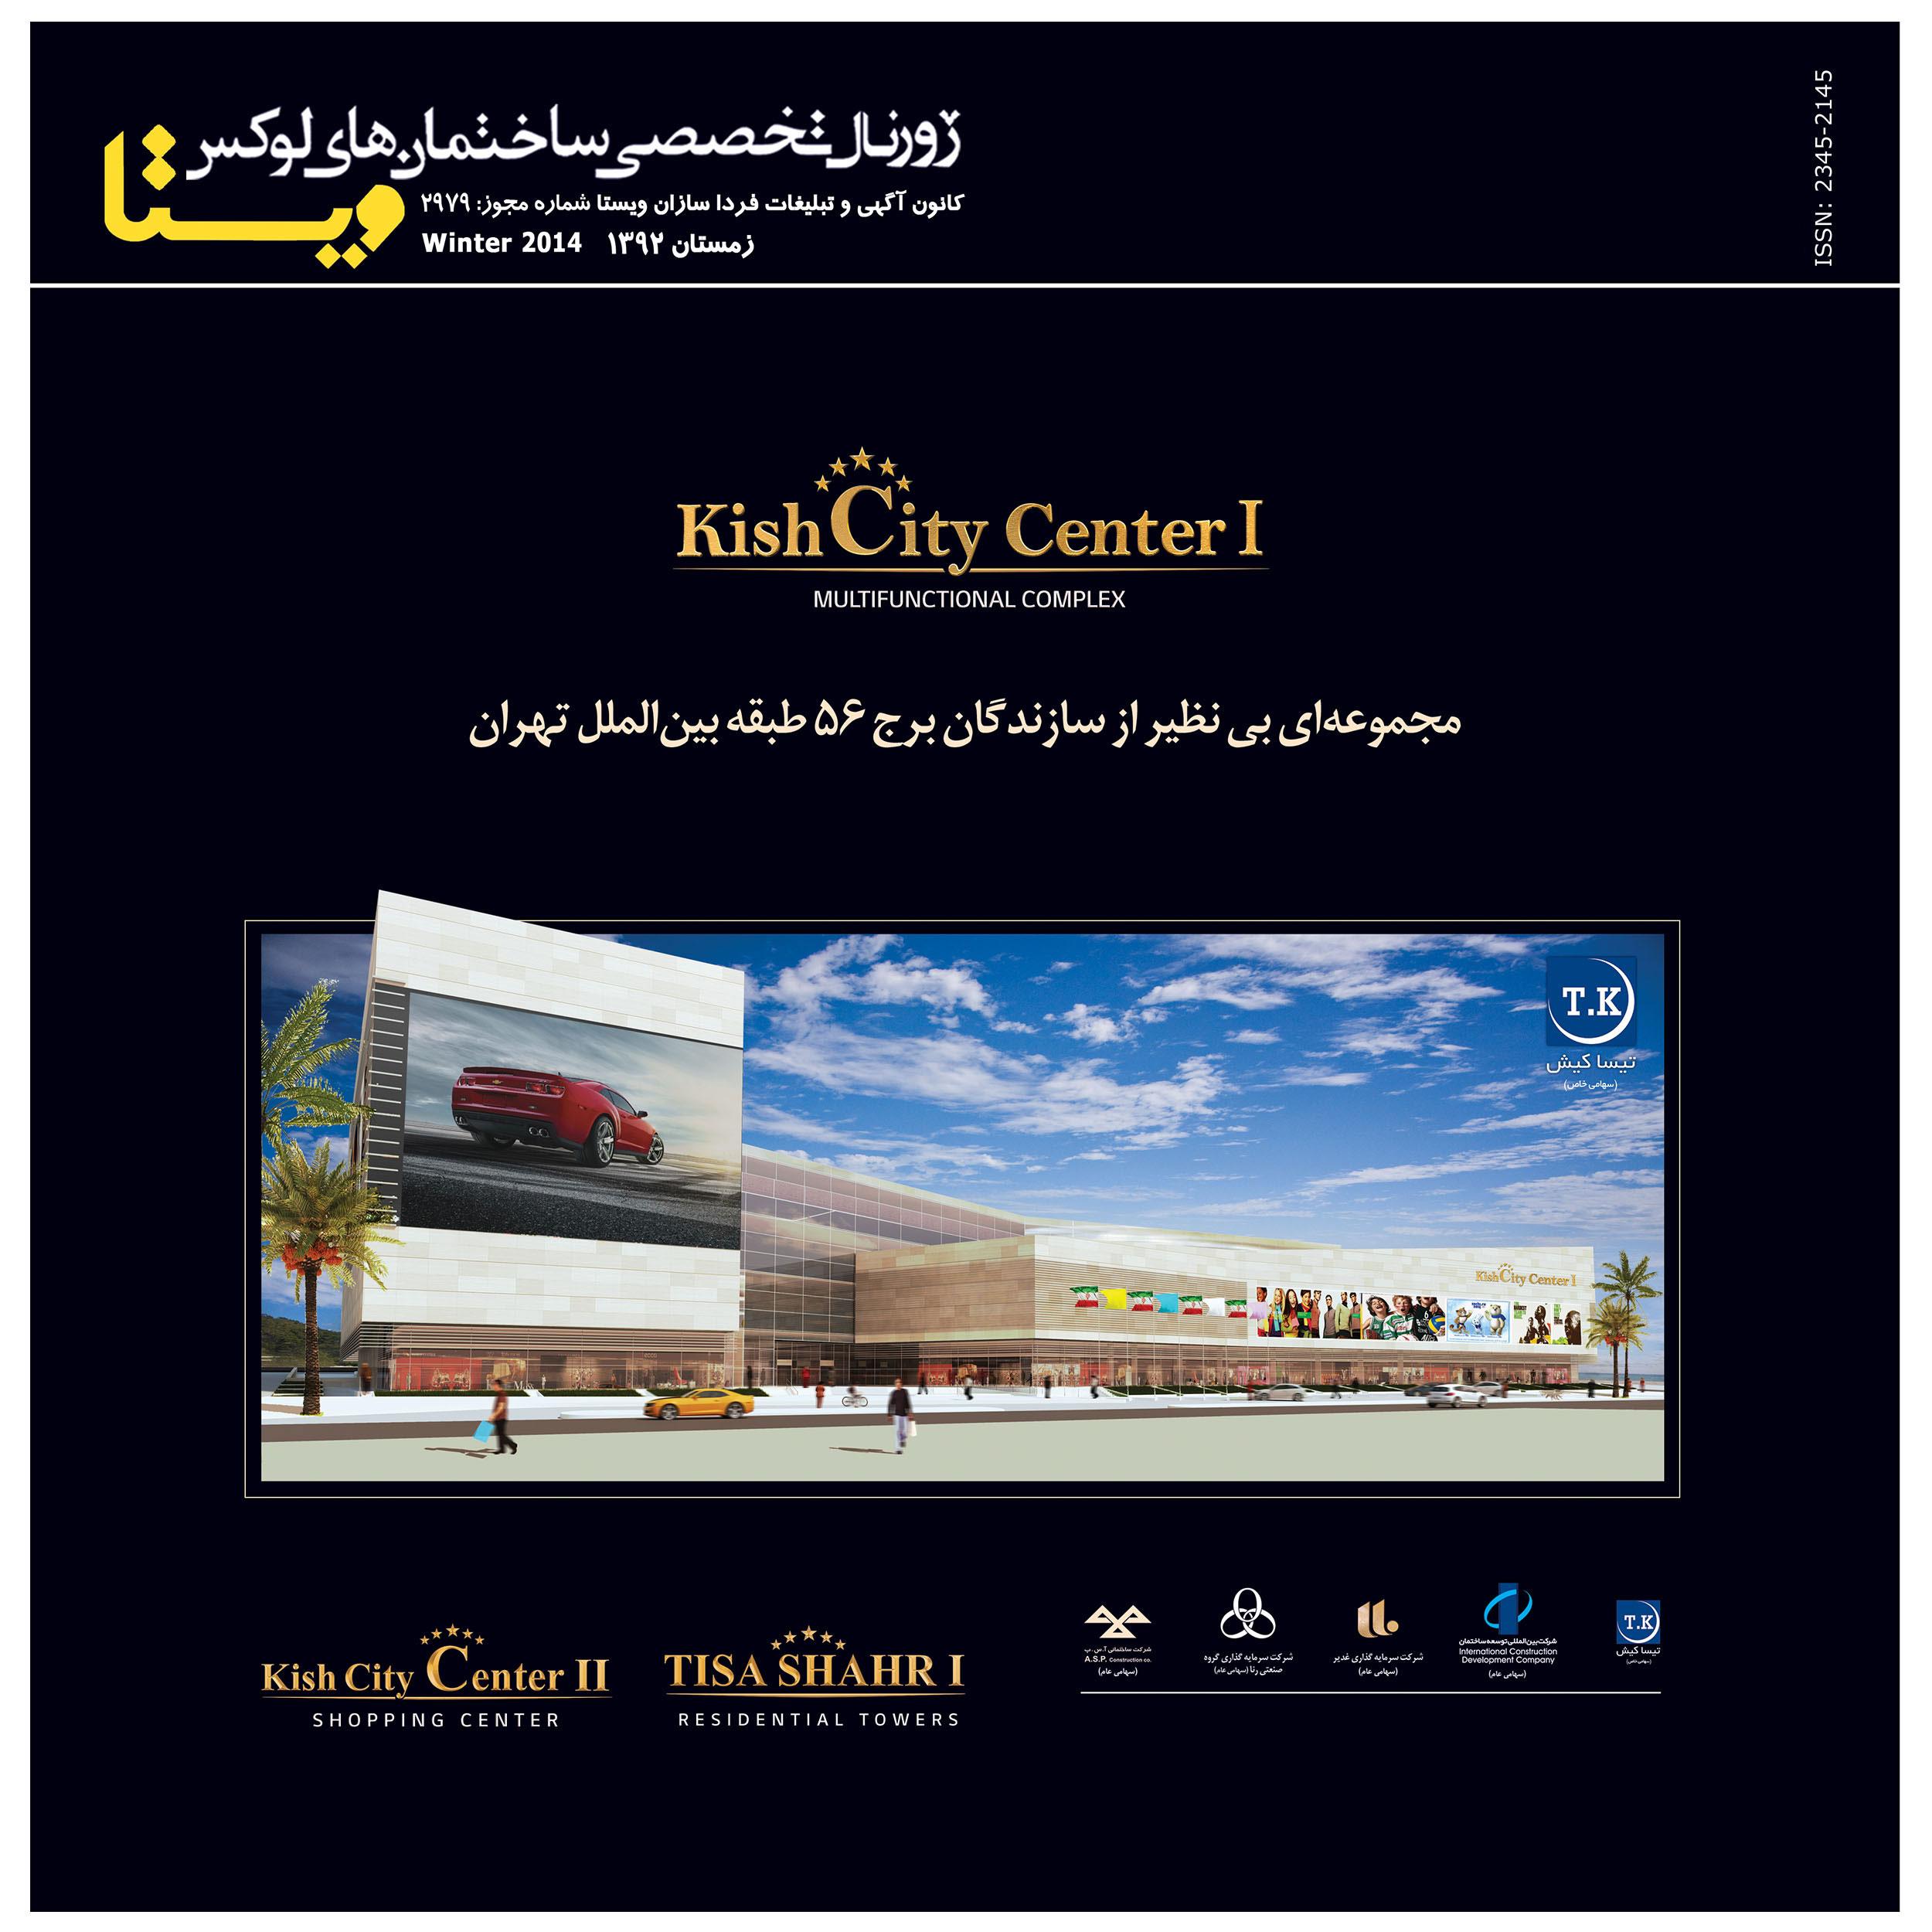 ژورنال تخصصی ساختمان های لوکس ویستا - شماره 12